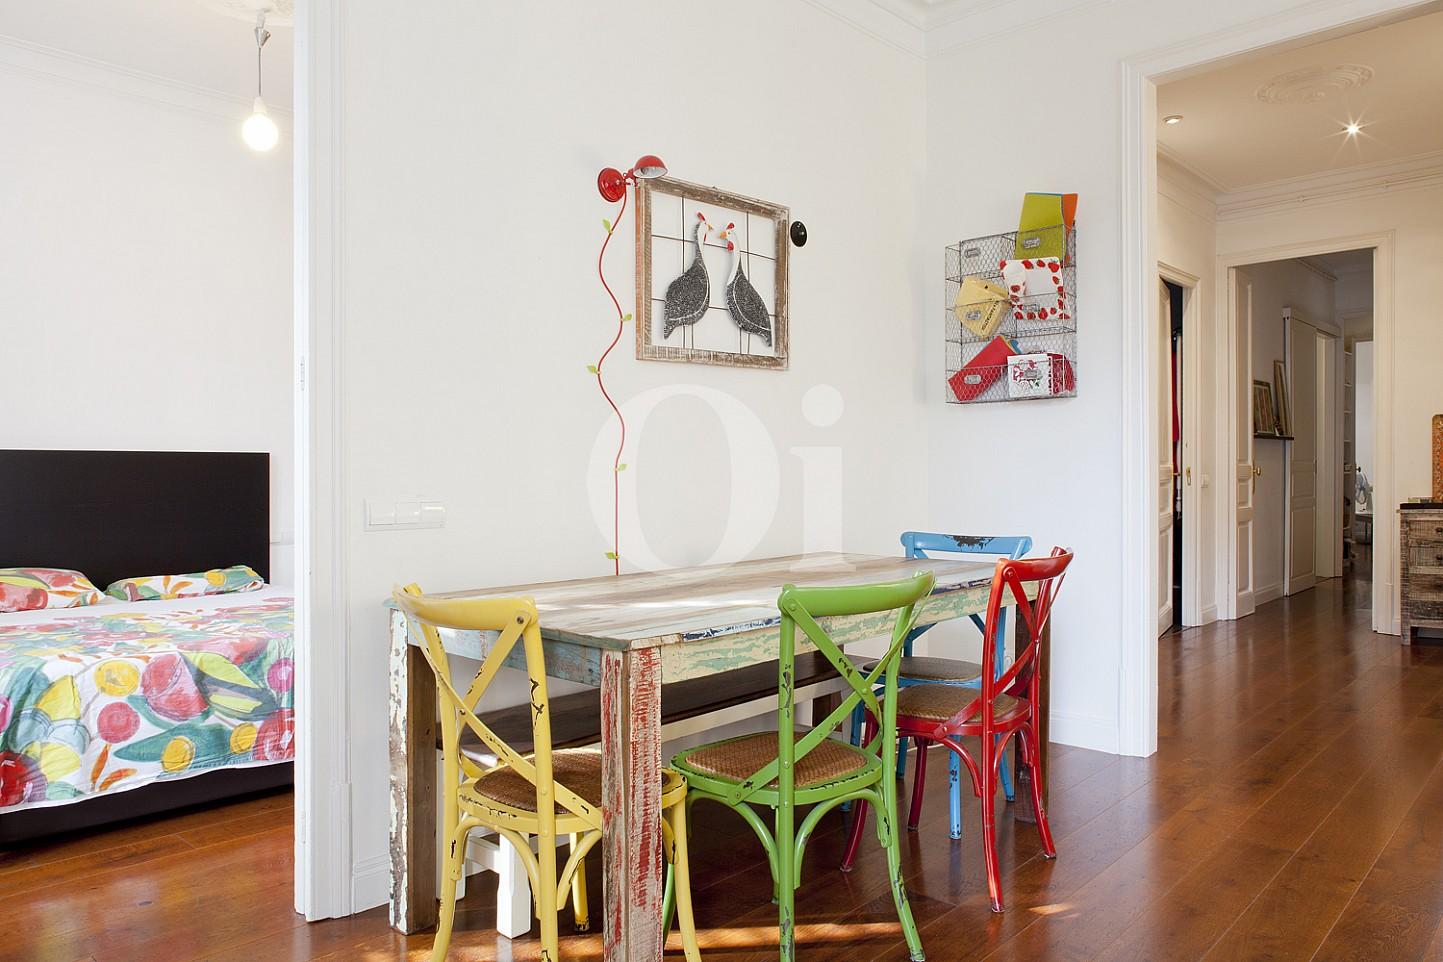 Salón-comedor de maravilloso piso en venta en el corazón del Eixample, Barcelona